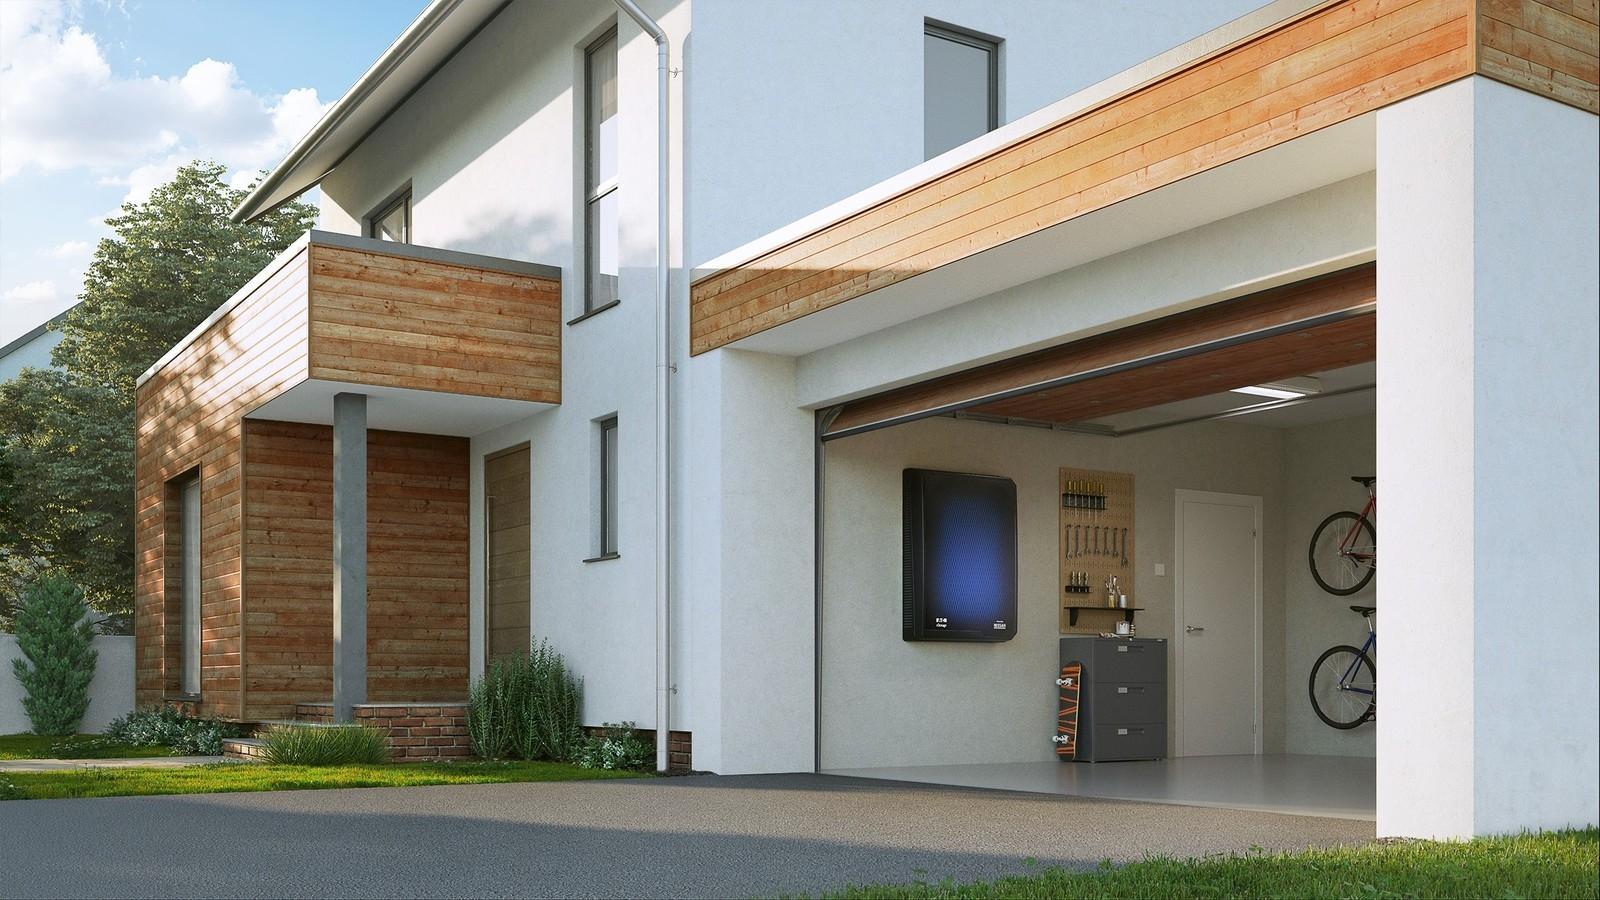 Thuisbatterij Van Voormalige Elektrische Auto S Voor Woningen Blog Duurzaam Gebouwd